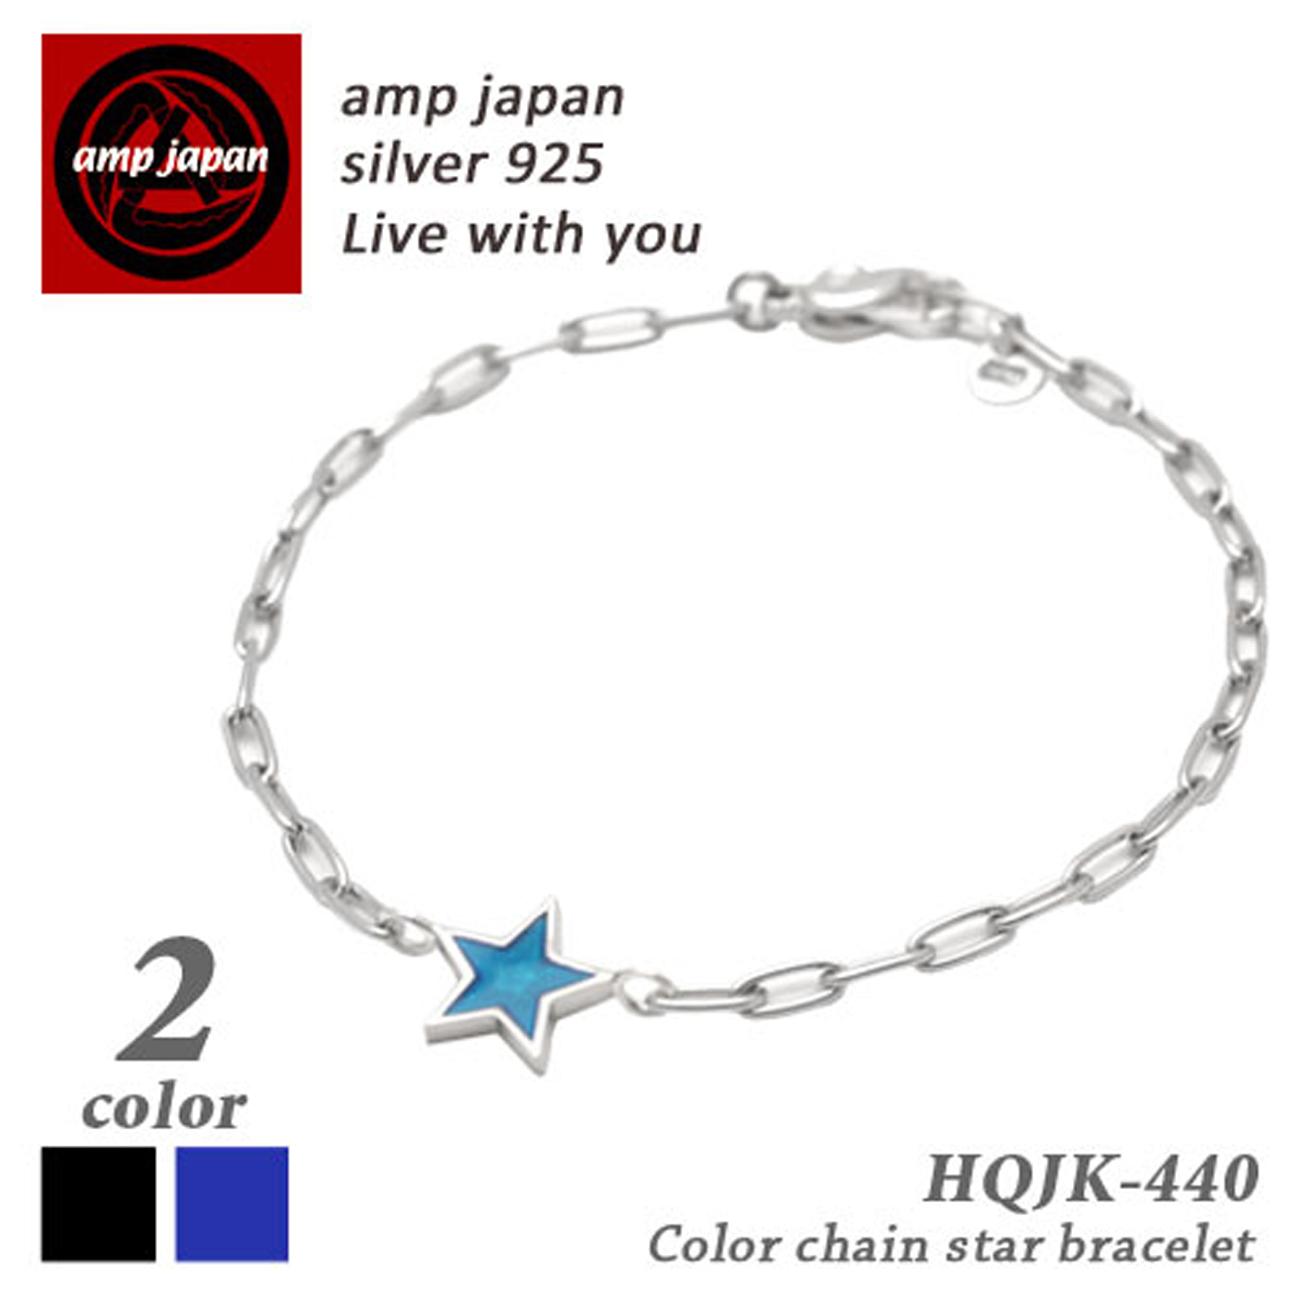 AMP JAPAN/アンプジャパン  カラーチェーンスターブレスレット アンクレット  HQJK-440ML